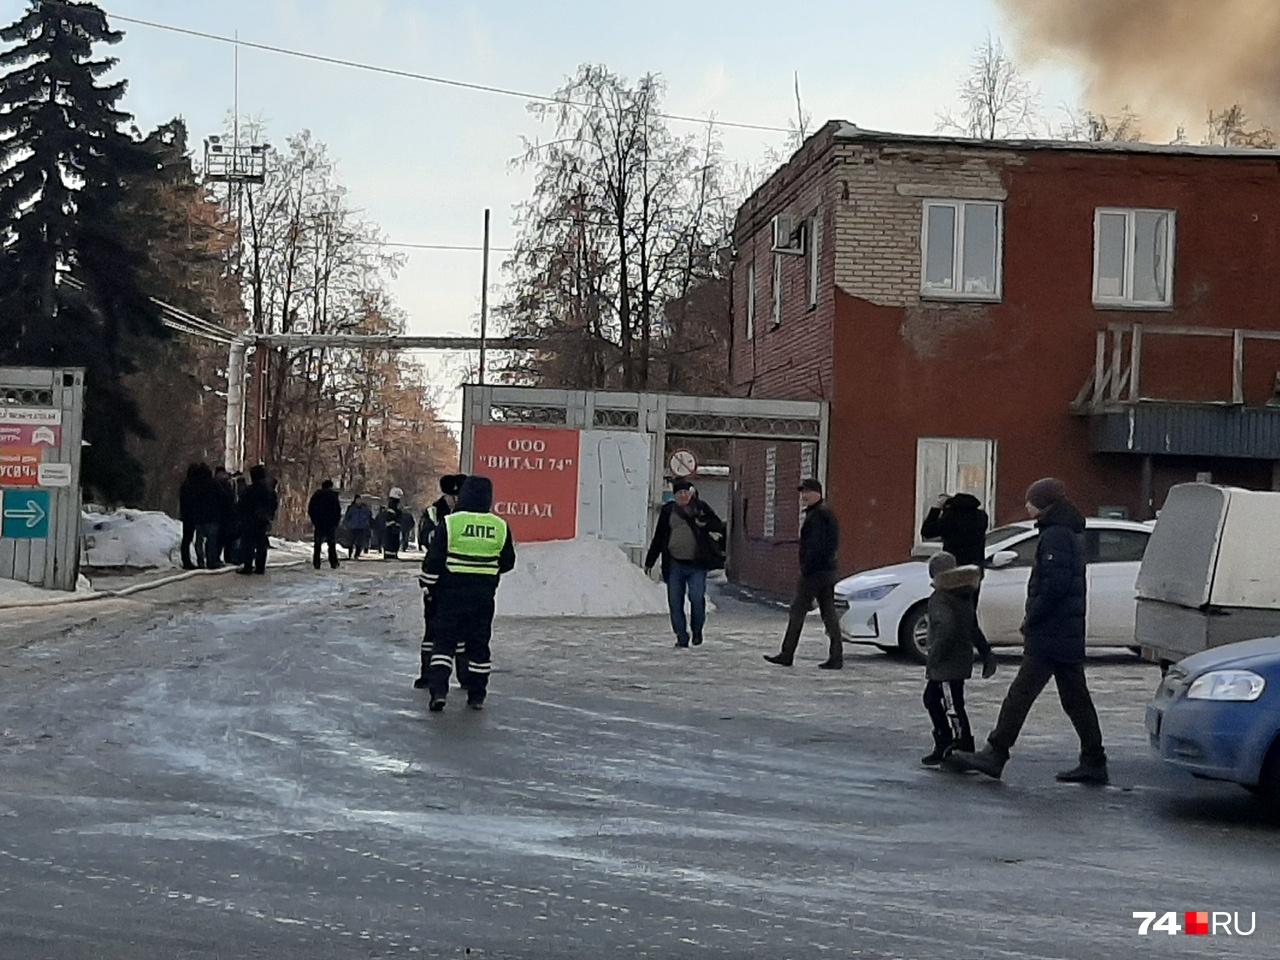 Въезд оцепили сотрудники полиции